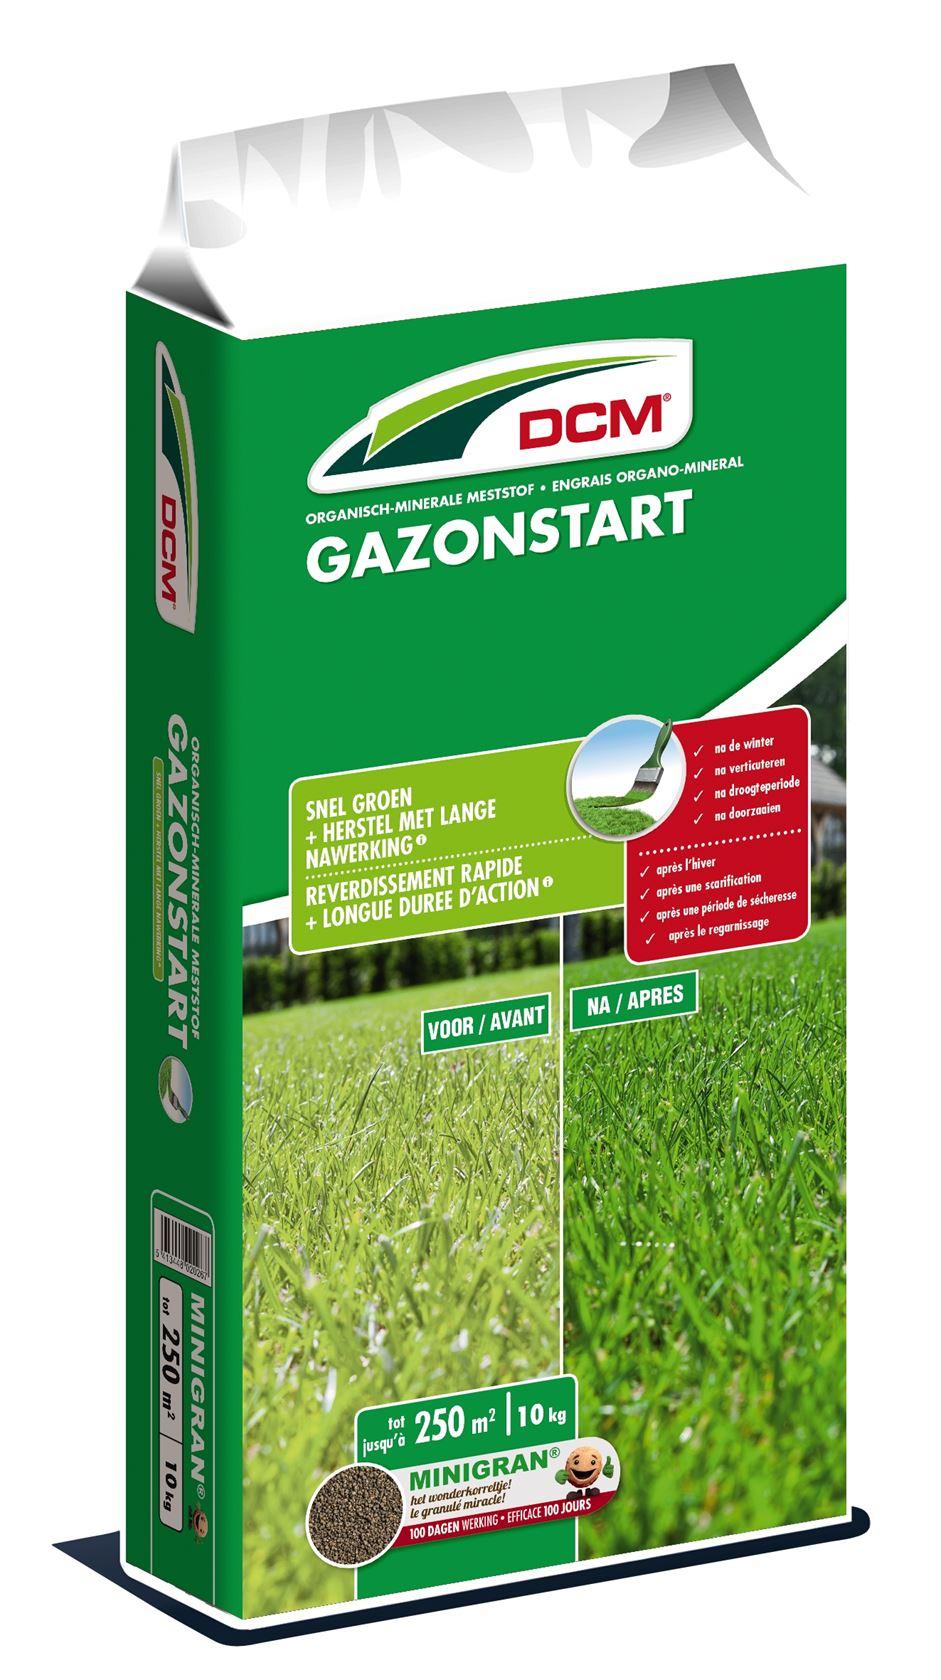 Gazonmeststof-gazonstart-10kg-Gazonopkikker-voor-snel-herstel-NPK-12-3-3-2-MgO